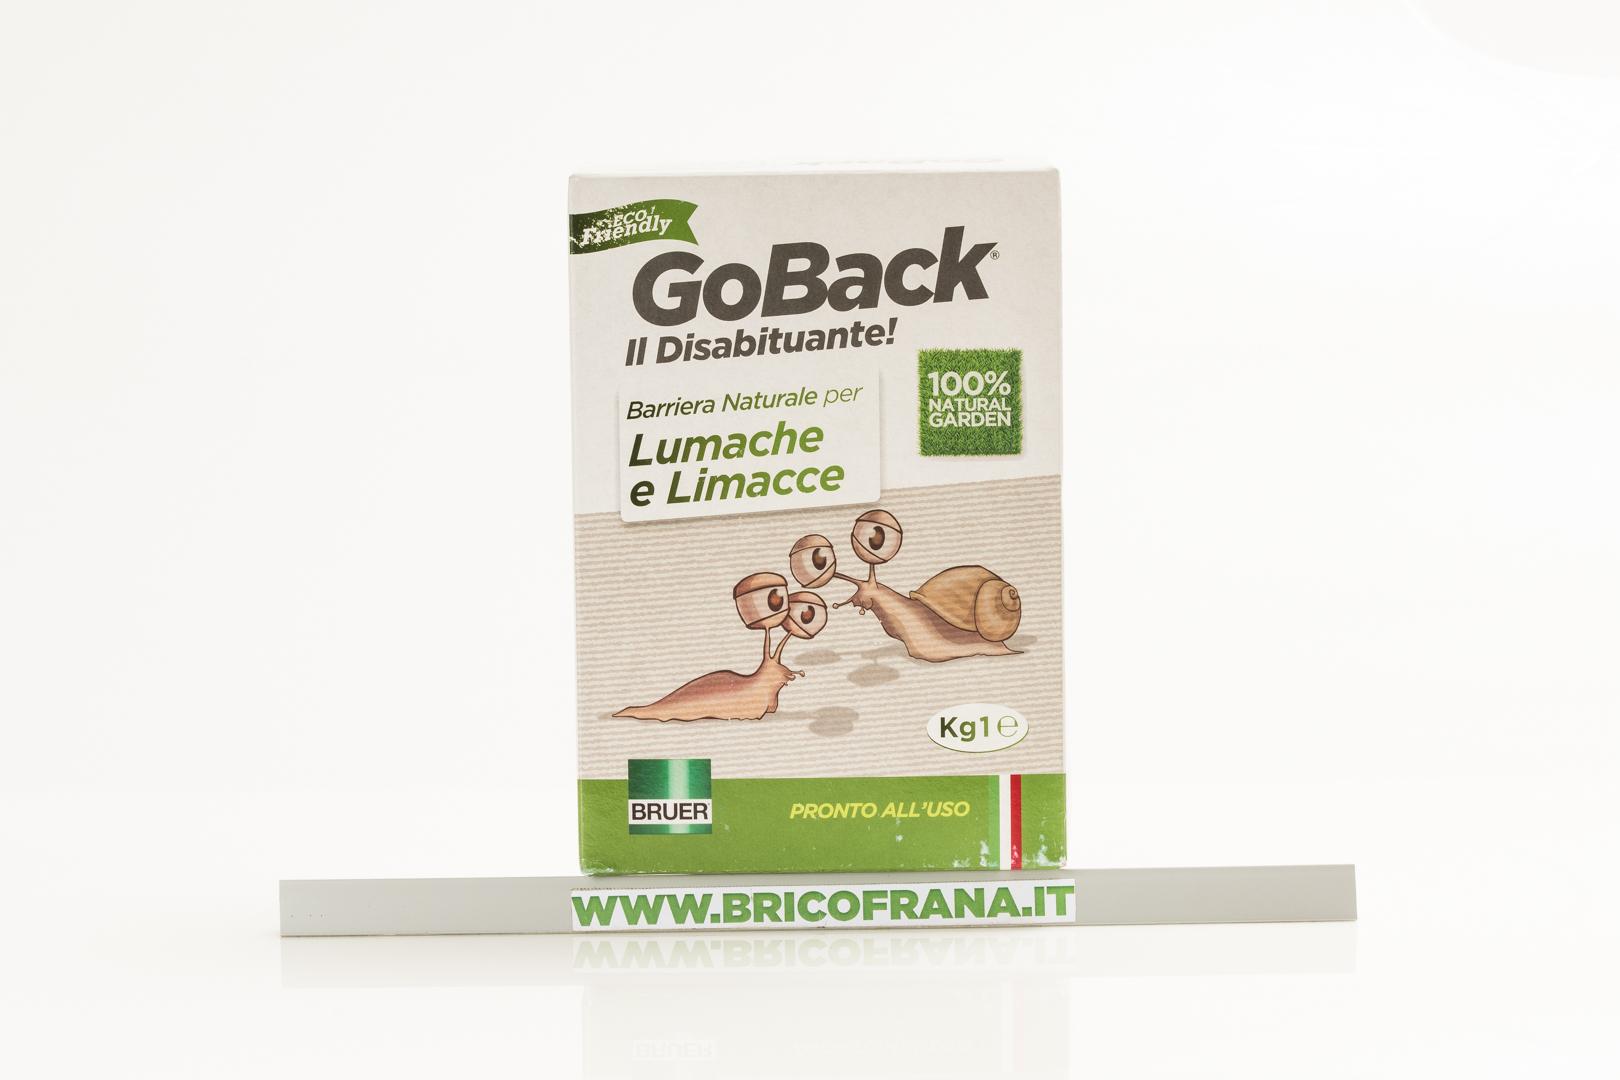 Repellente Naturale Per Vespe goback lumache e limacce - barriera naturale